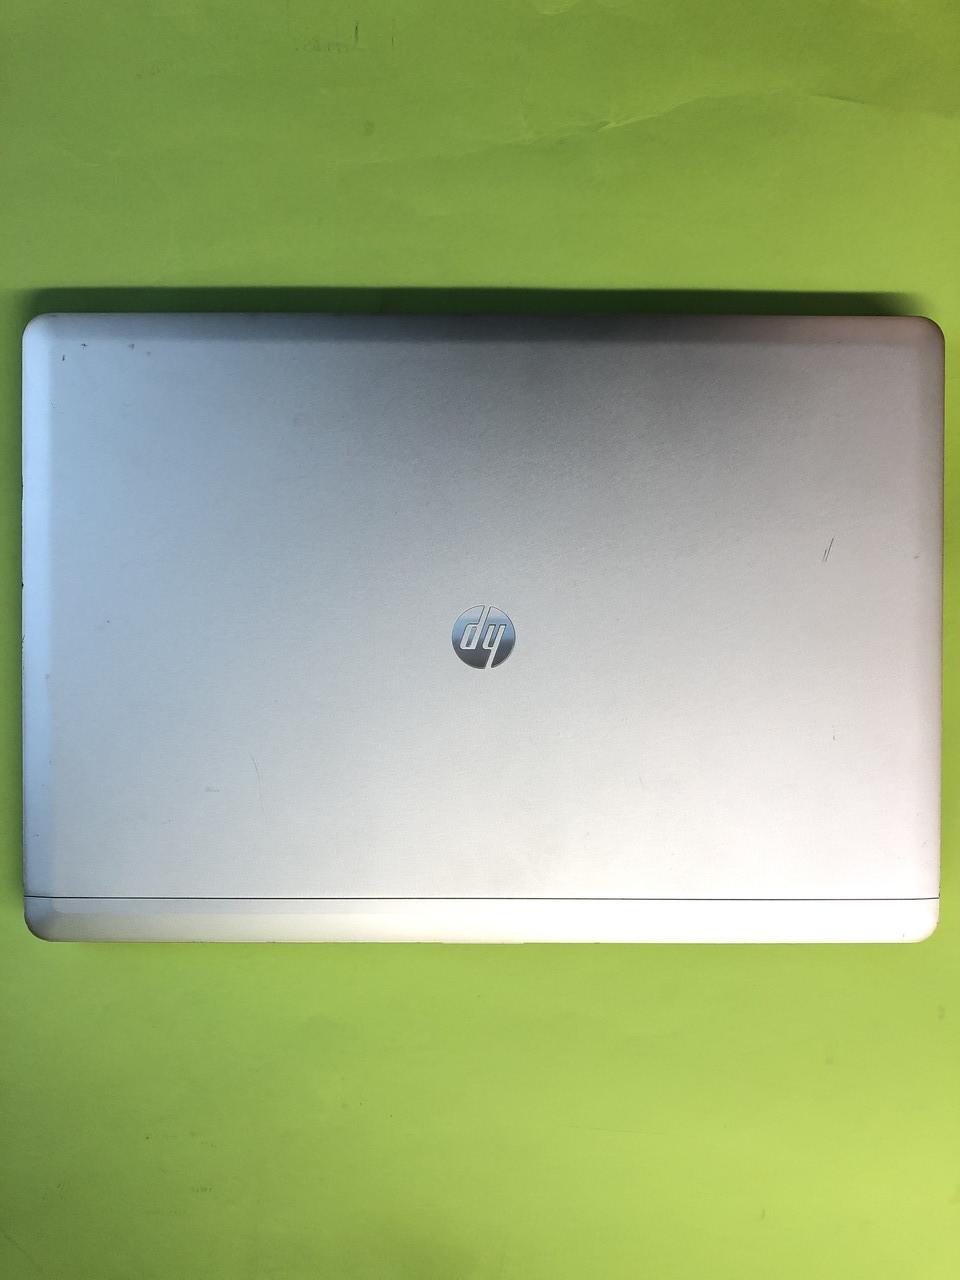 Ноутбук HP Folio 9470P i5 vPRO \ 8GB \ 120 SSD Гарантия